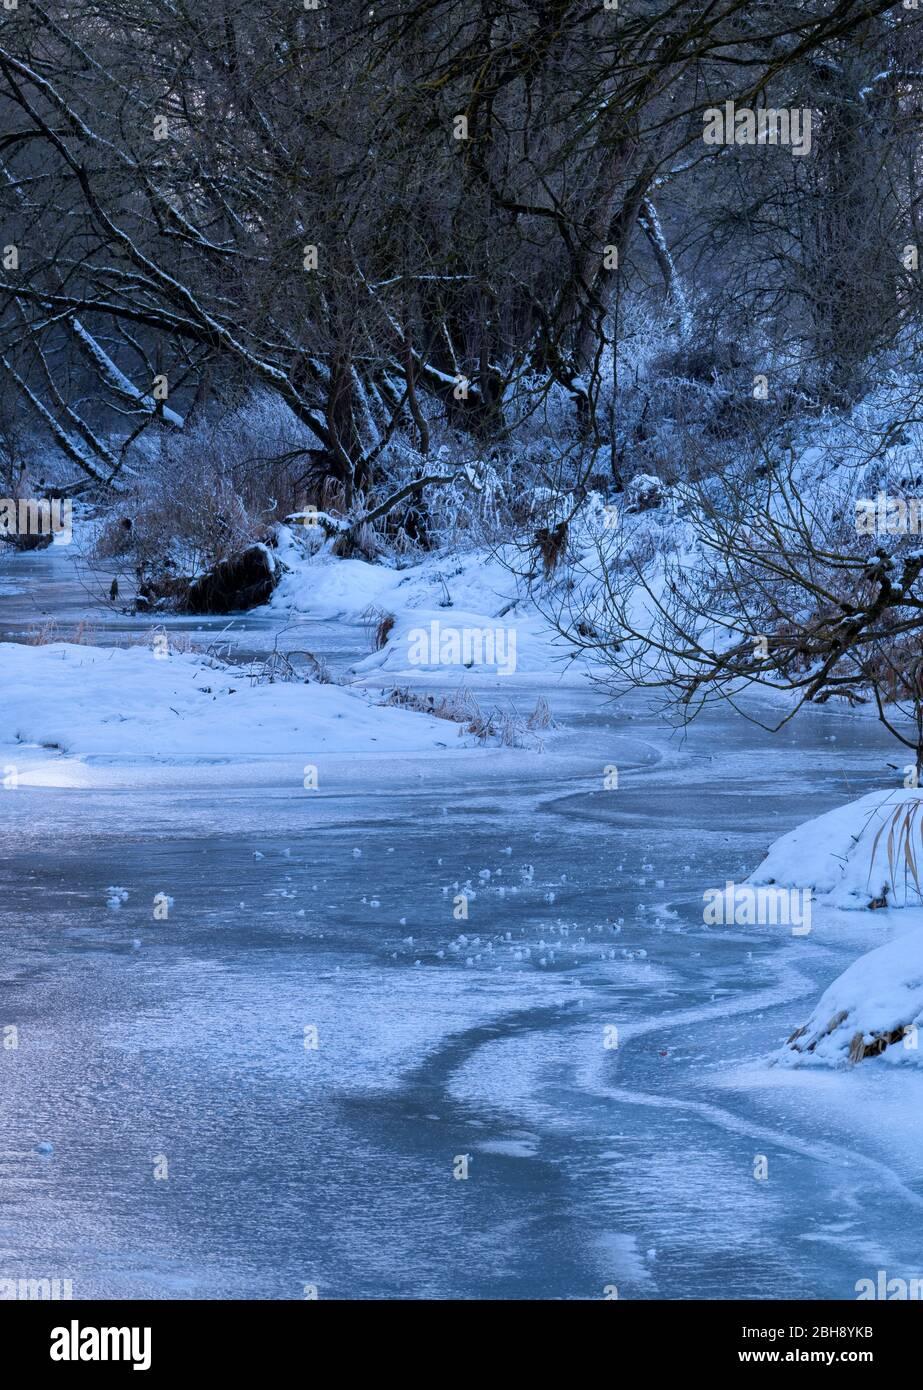 Europa, Deutschland, Hessen, Burgwald, Naturpark Kellerwald-Edersee, Frost am Eder-Fluss bei Birkenbringhausen, Winterstimmung mit Eis und Schnee Stock Photo